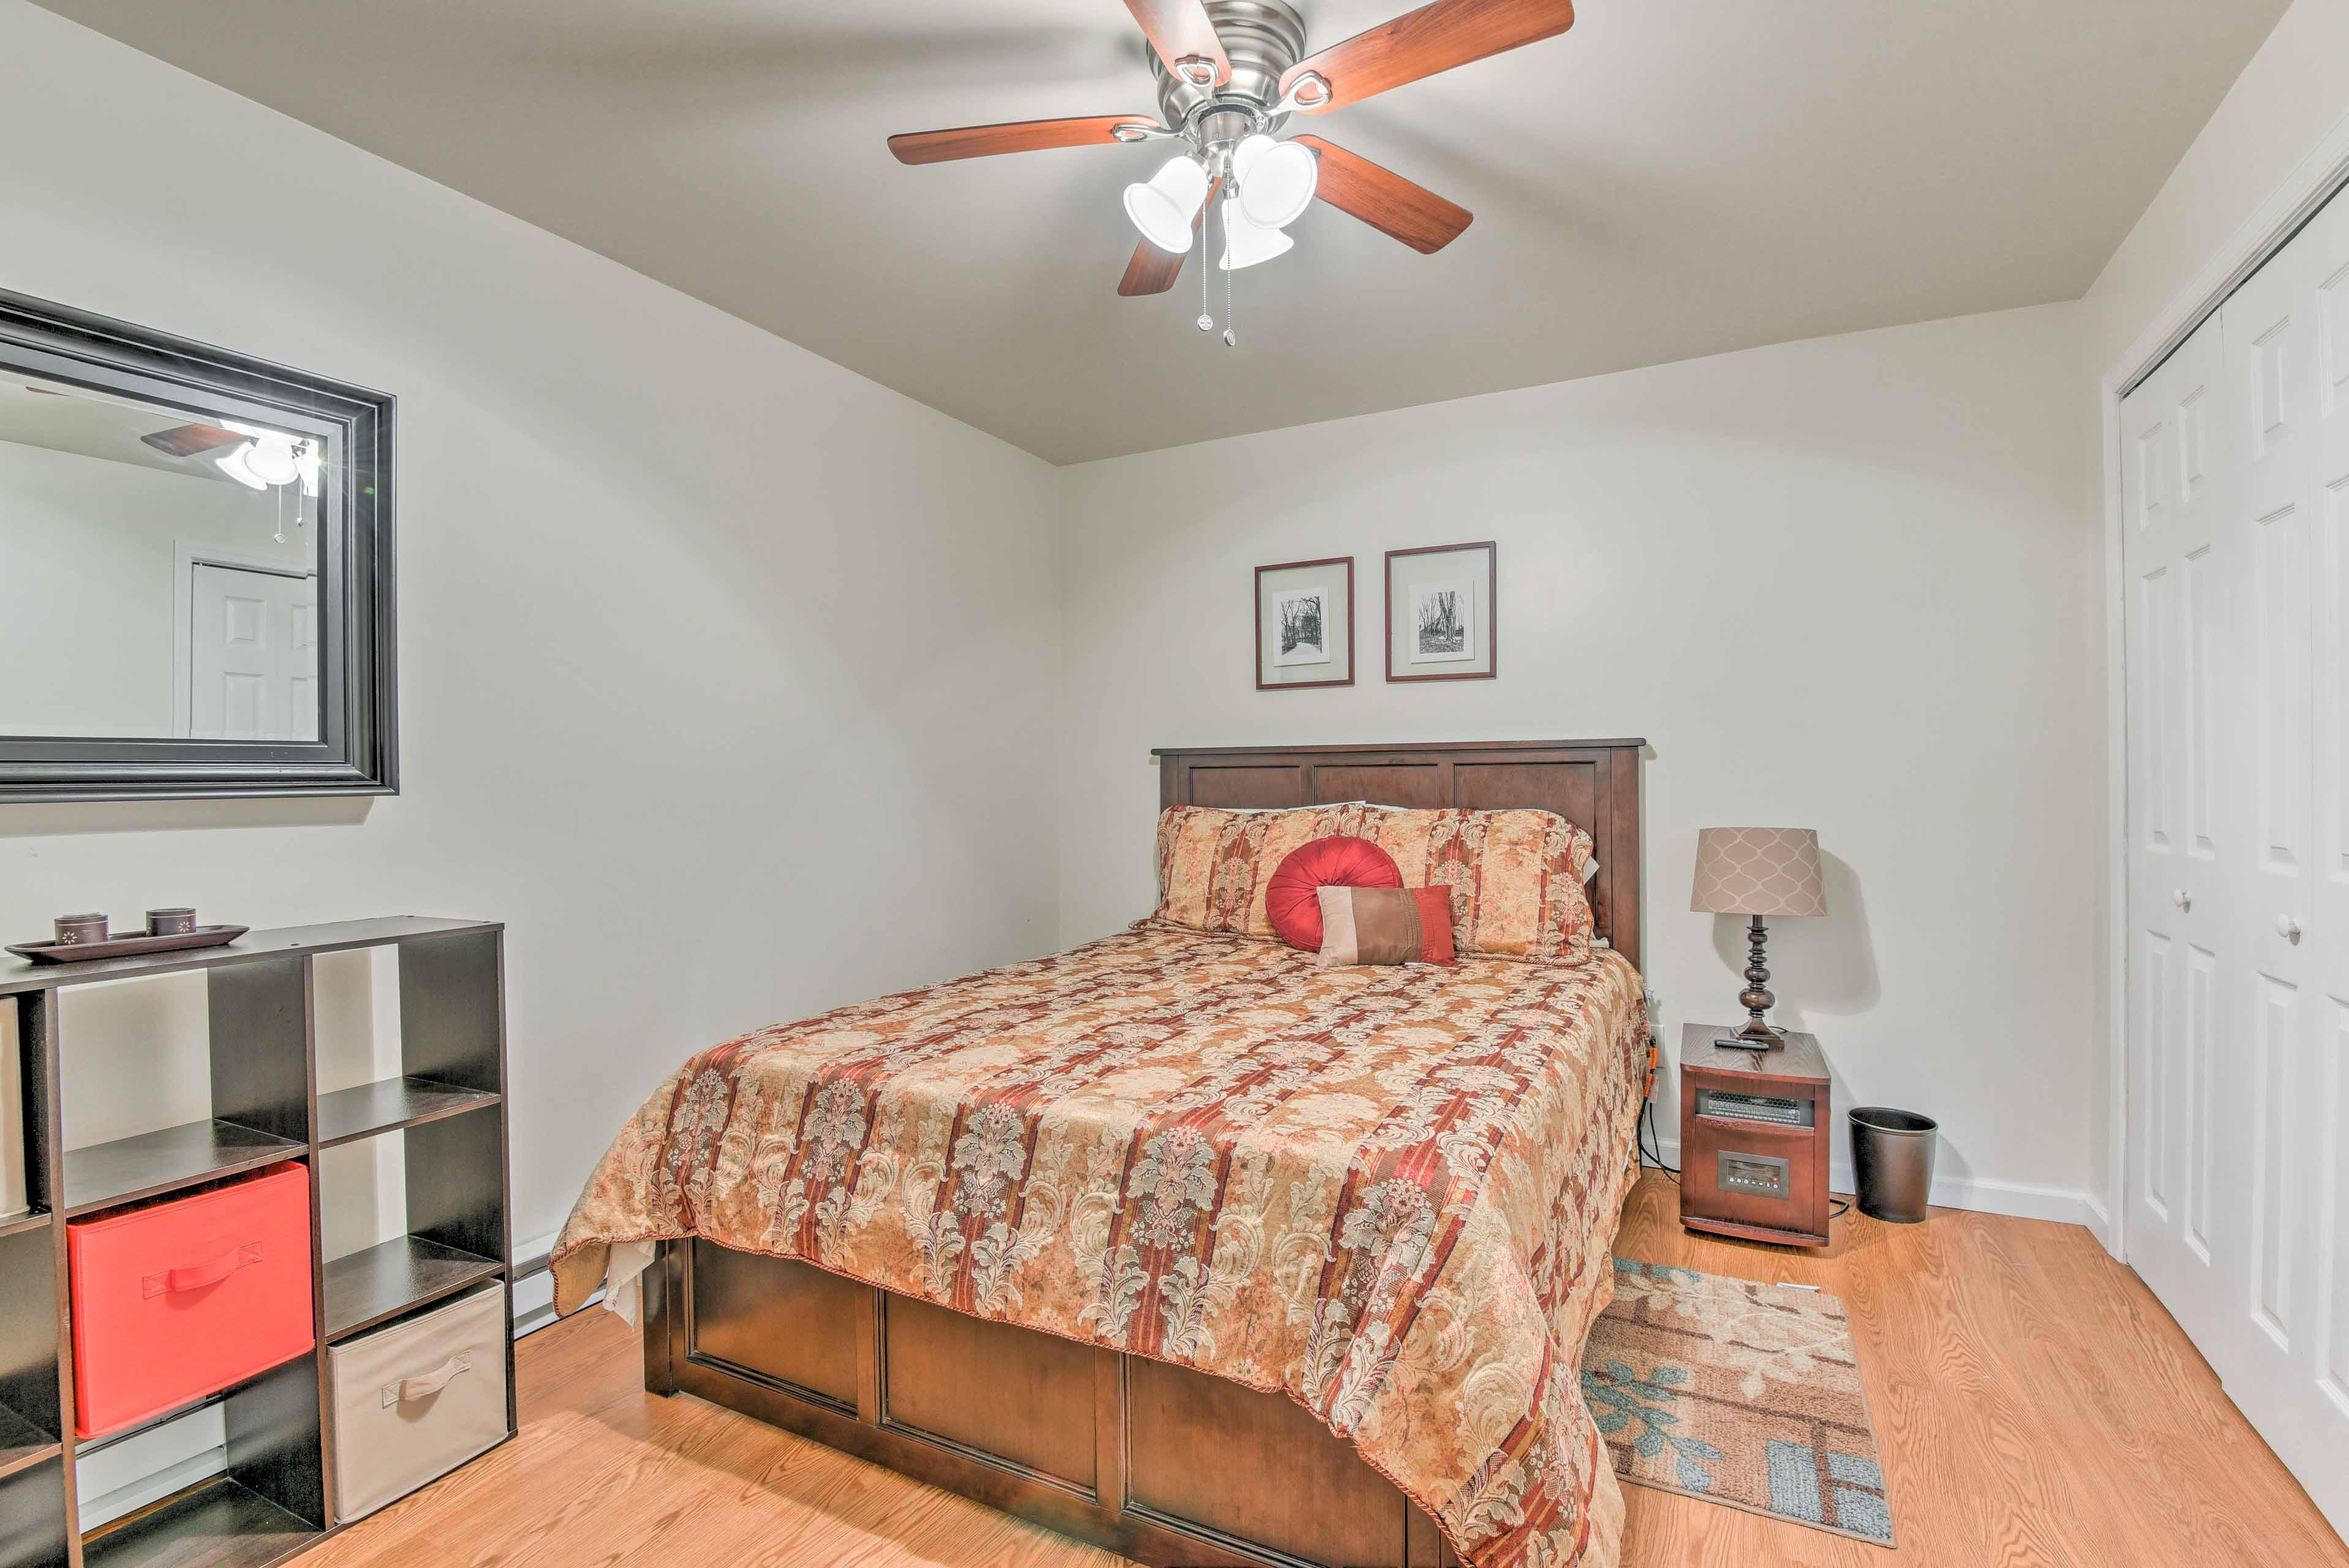 The basement bedroom sleeps 2.